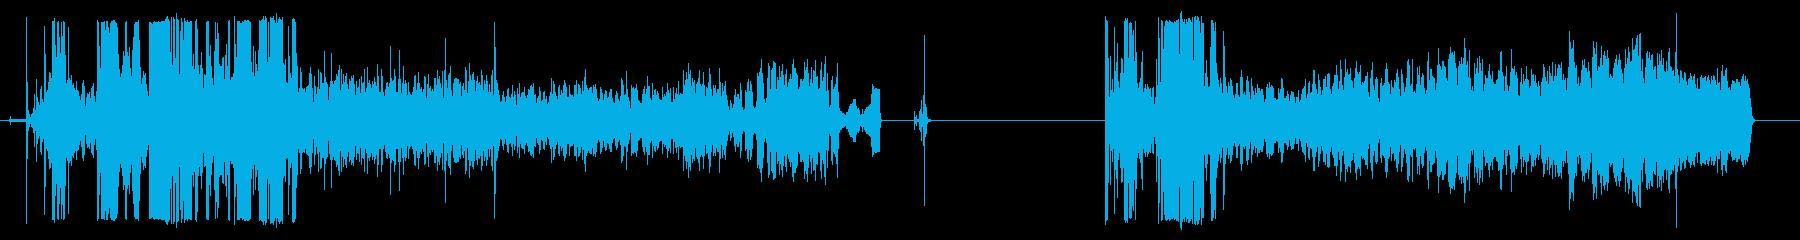 アルミ缶クラッシャー、2バージョン...の再生済みの波形